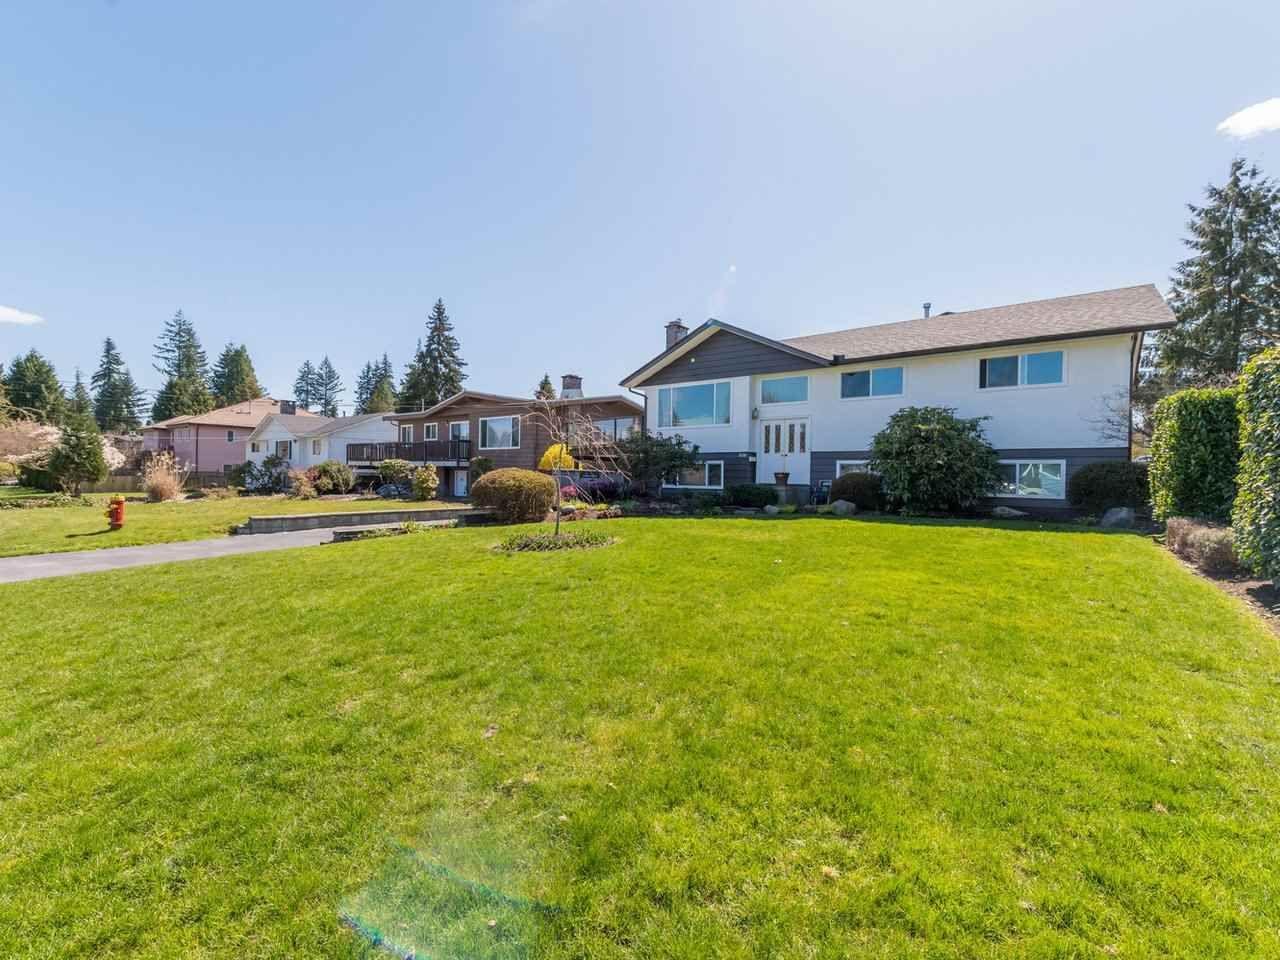 Photo 3: Photos: 808 REGAN Avenue in Coquitlam: Coquitlam West House for sale : MLS®# R2563486